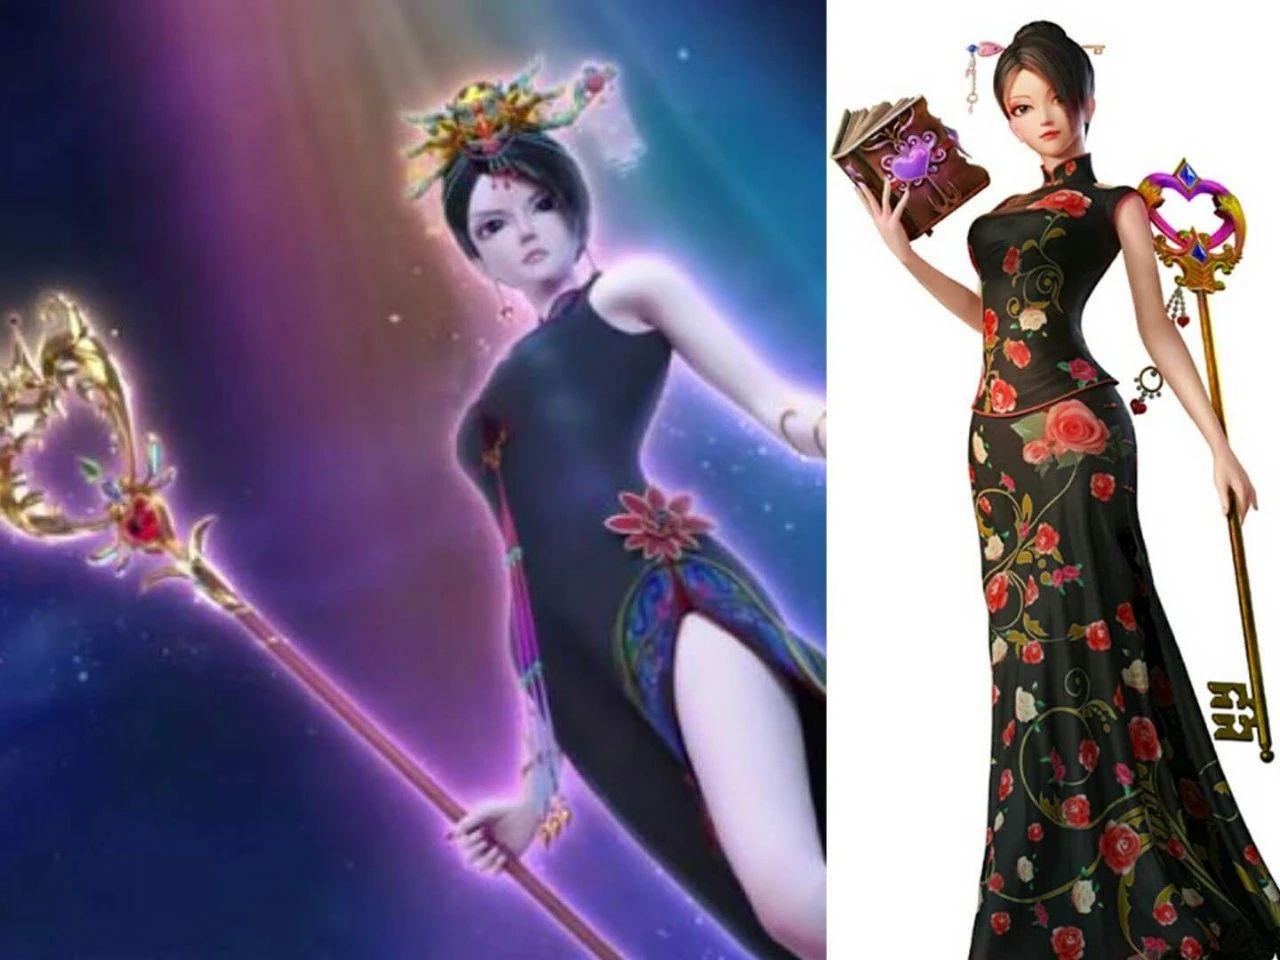 叶罗丽:官方公布角色海报图,冰公主第一名,最后一位备受宠爱!图片